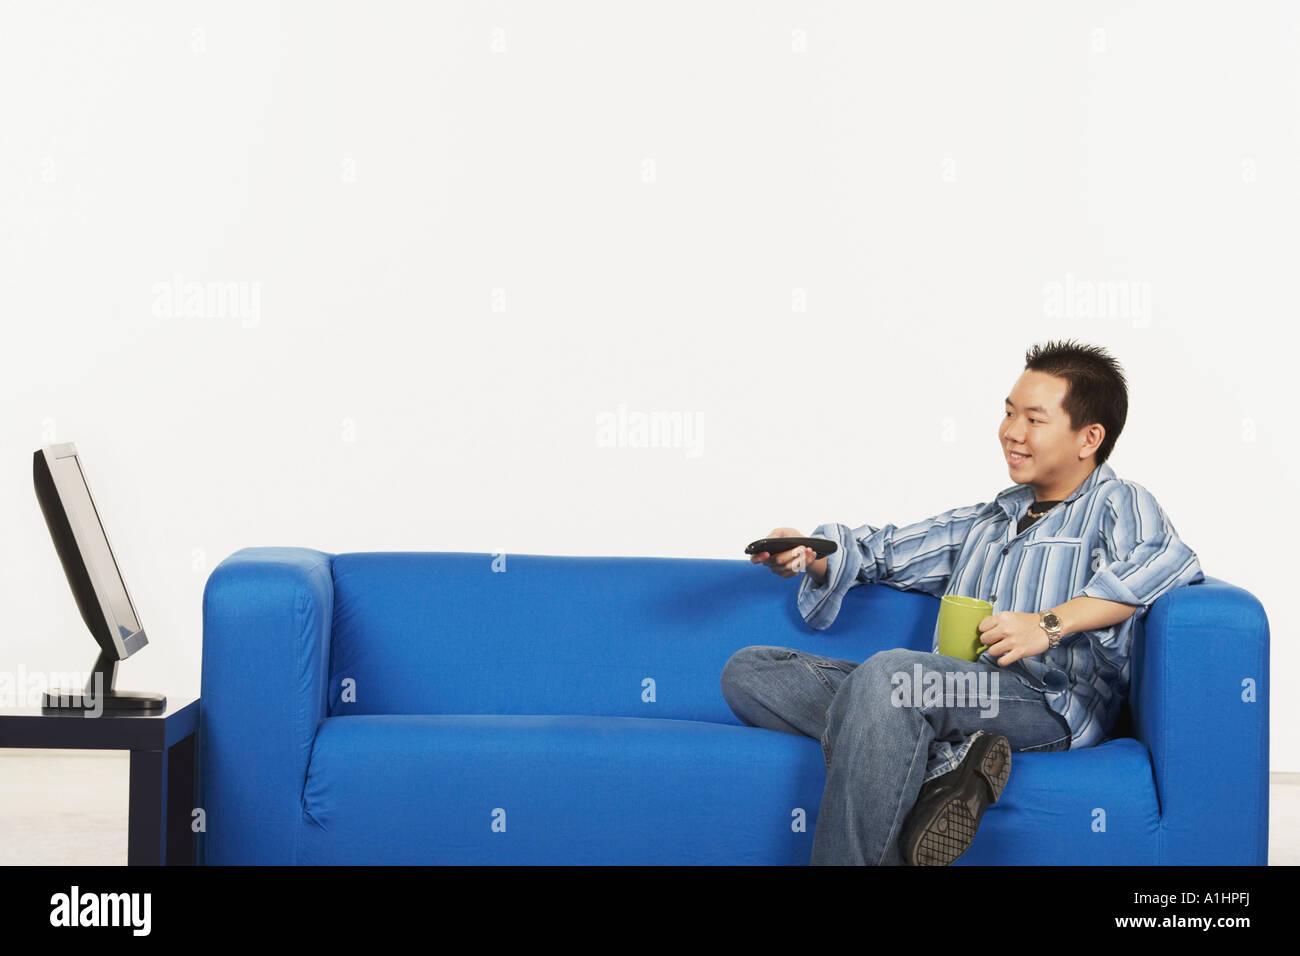 Seitenansicht eines jungen Mannes mit einer Fernbedienung sitzt vor einem LCD-monitor Stockbild